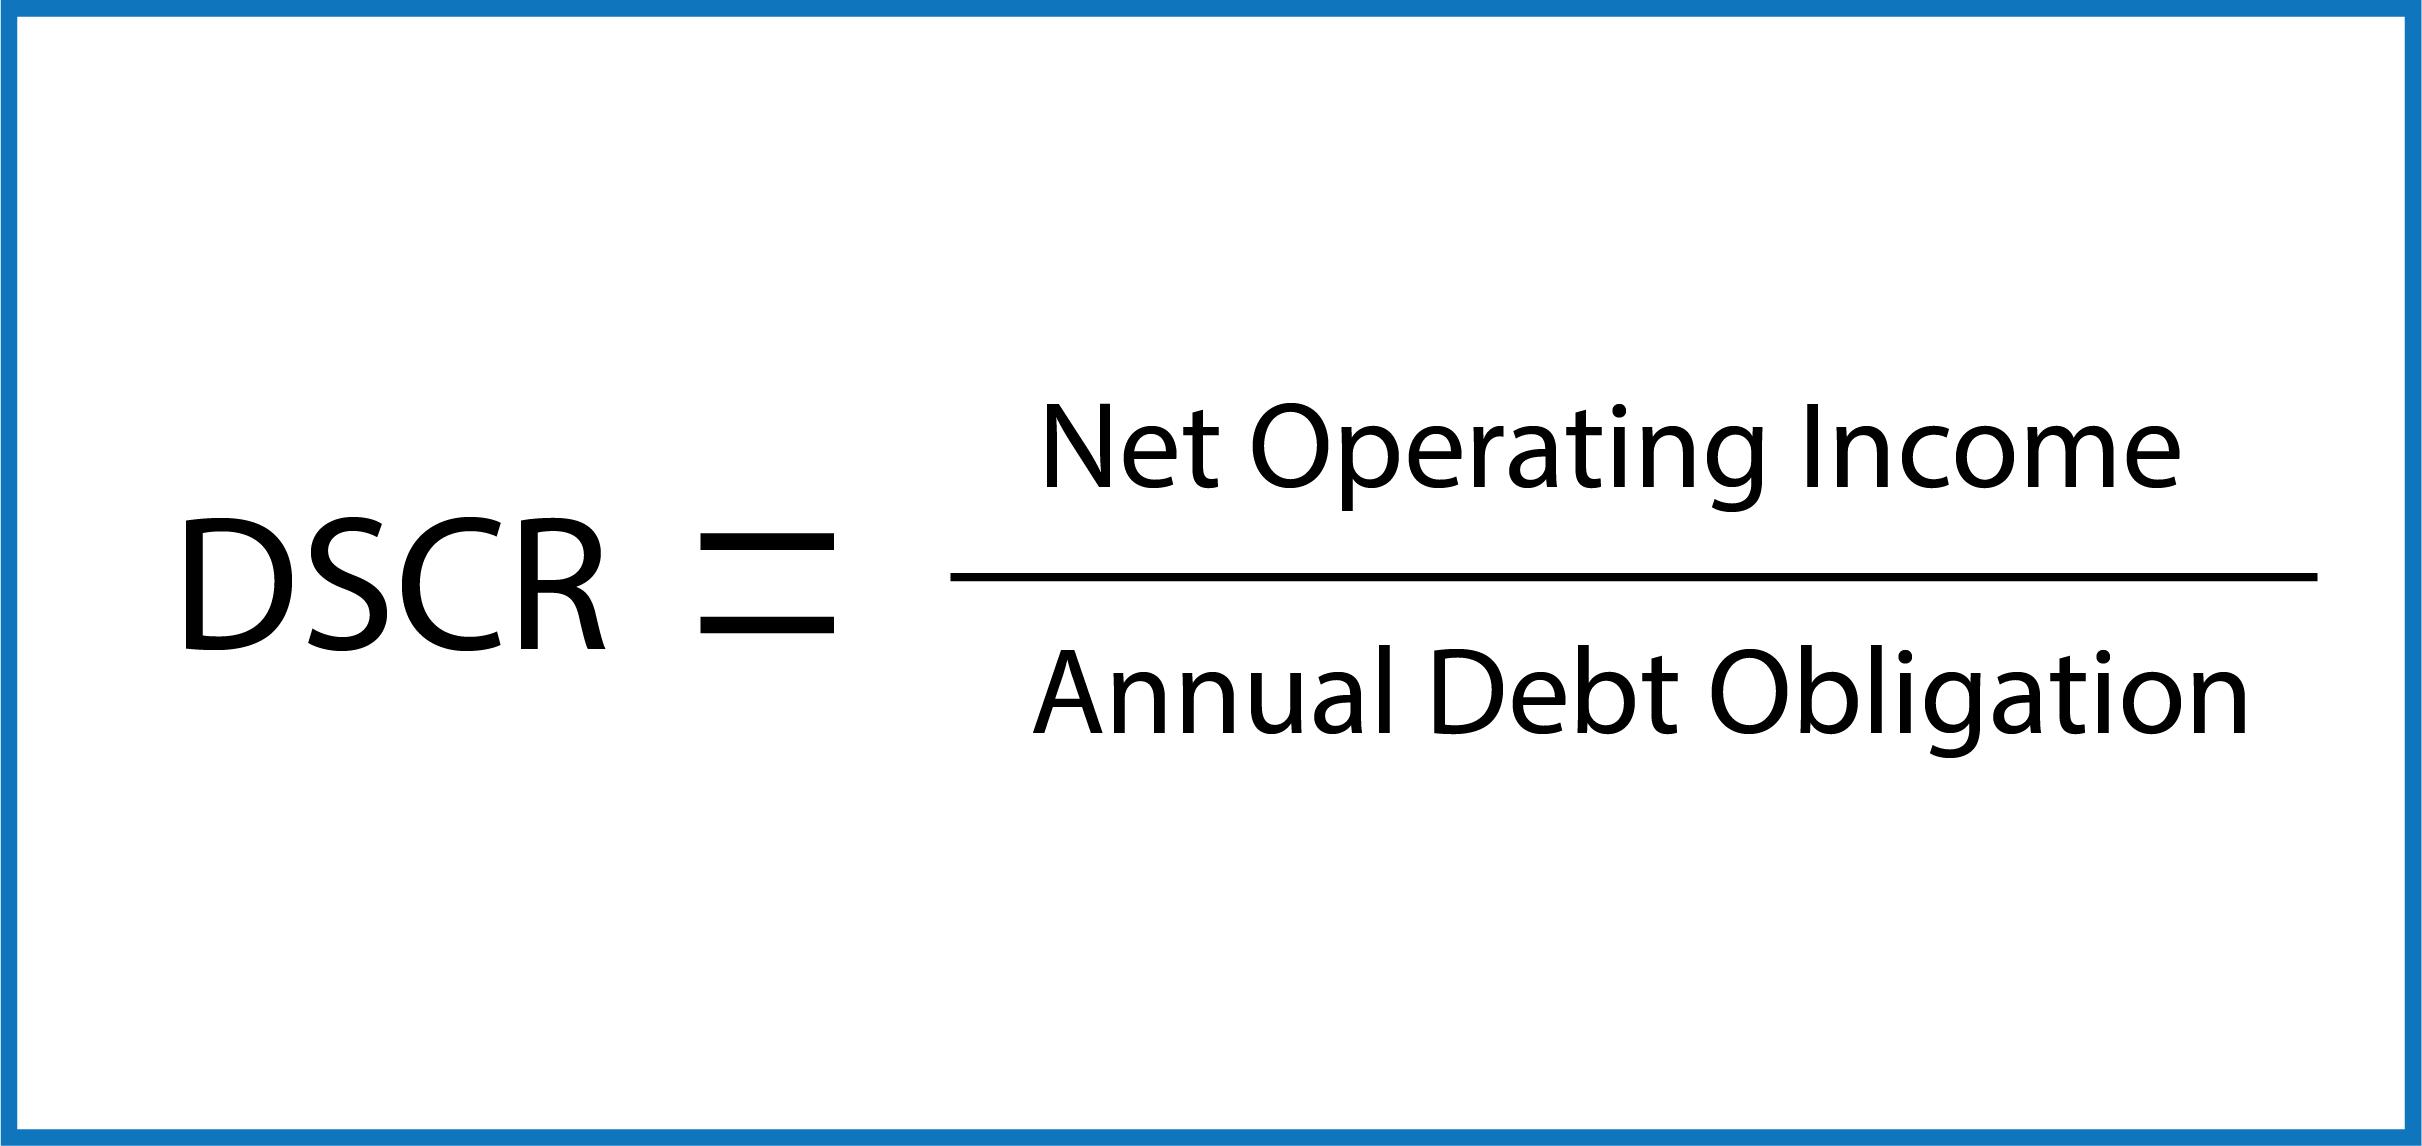 نسبت پوشش خدمات بدهی (DSCR)